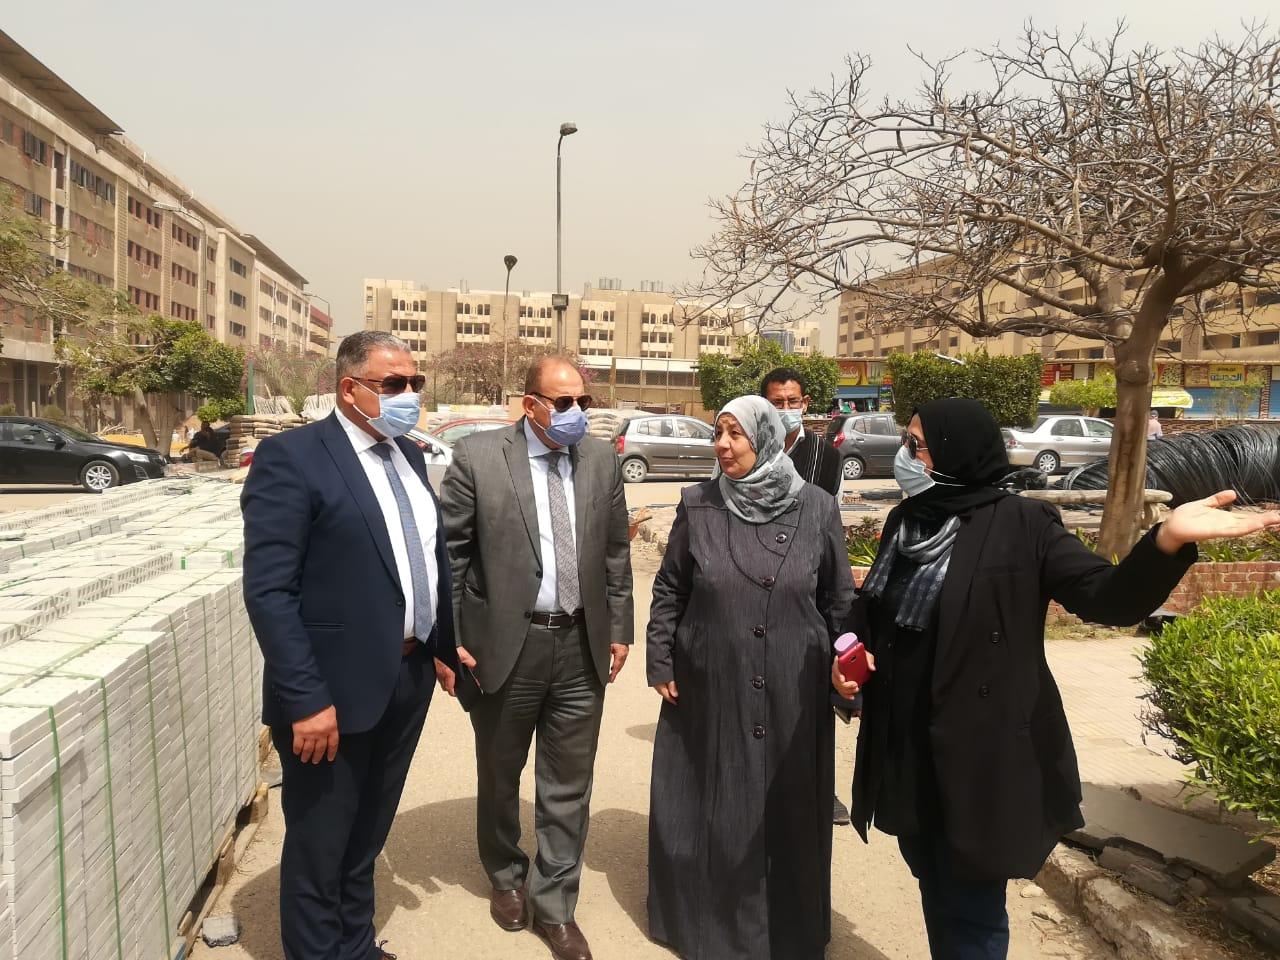 نائب رئيس جامعة الأزهر يتفقد اللمسات الأخيرة في أعمال الصيانة بالمدينة الجامعية للطالبات